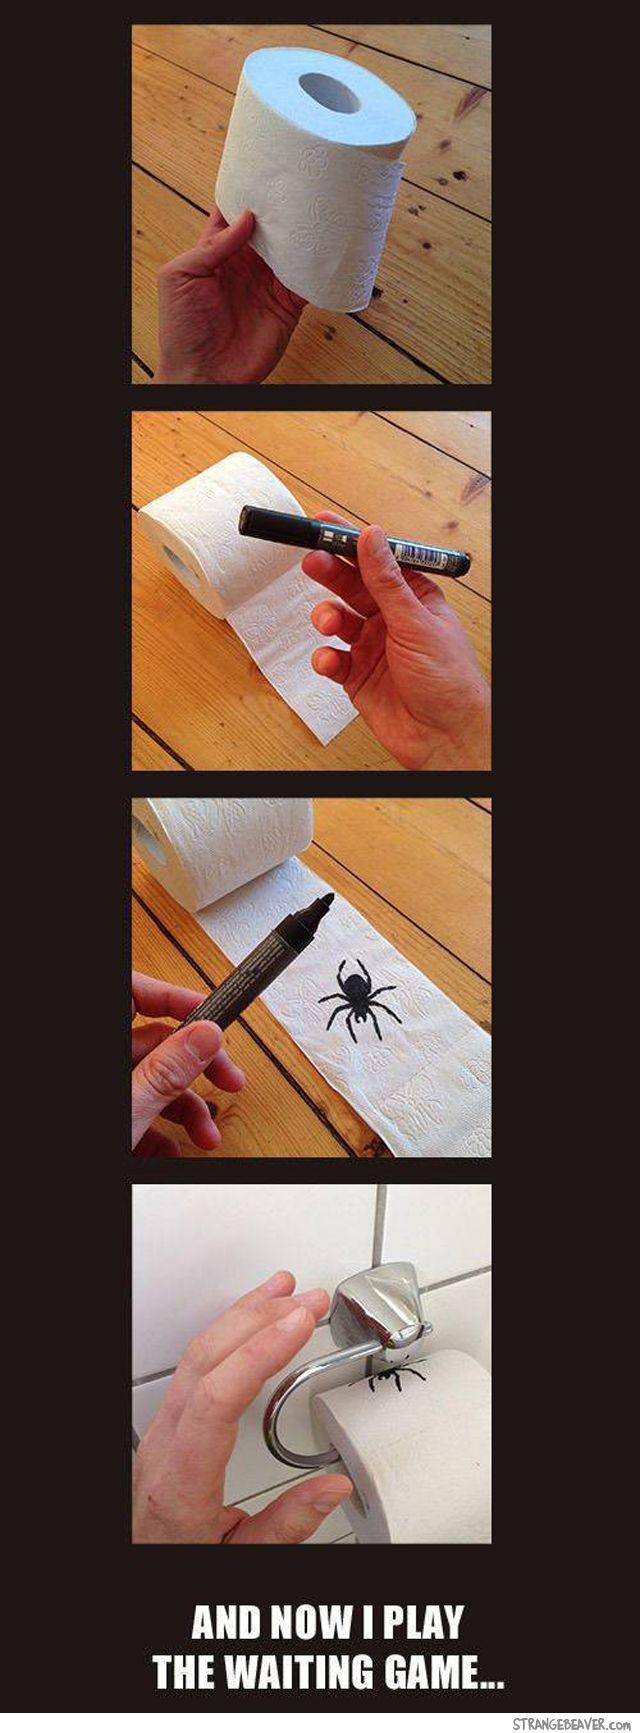 Para ese alguien con temor a las arañas hahaha